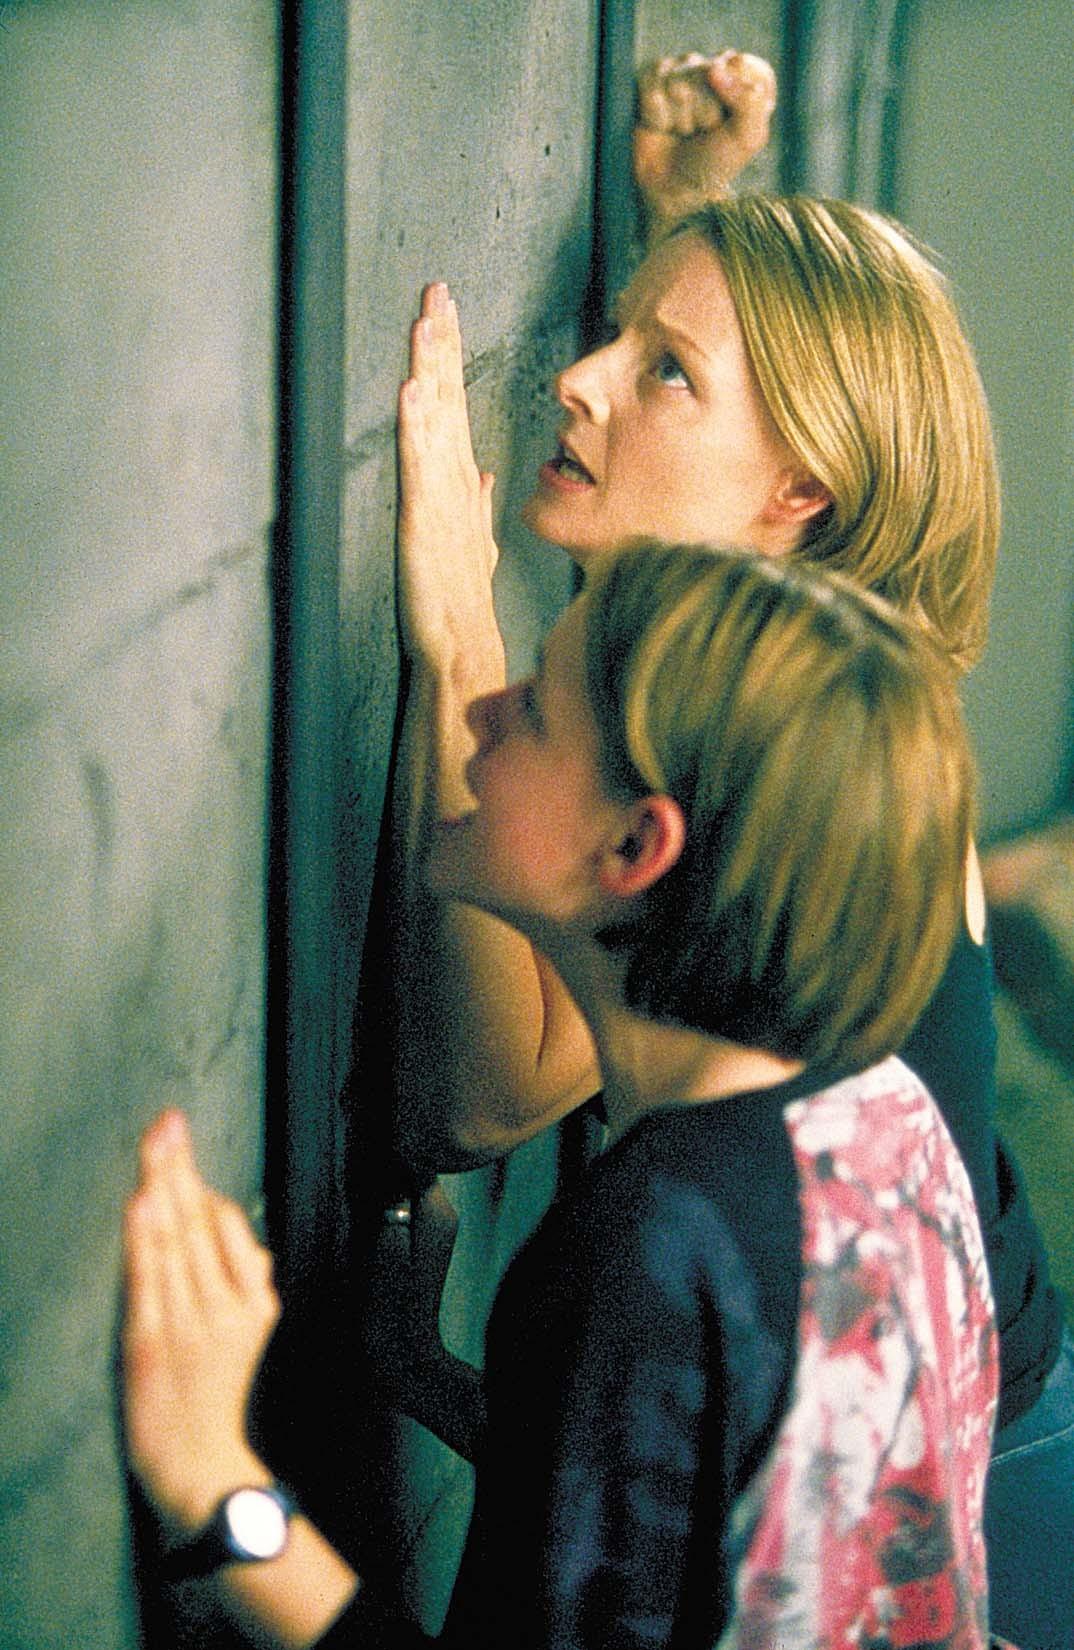 Jodie Foster and Kristen Stewart in Panic Room (2002)